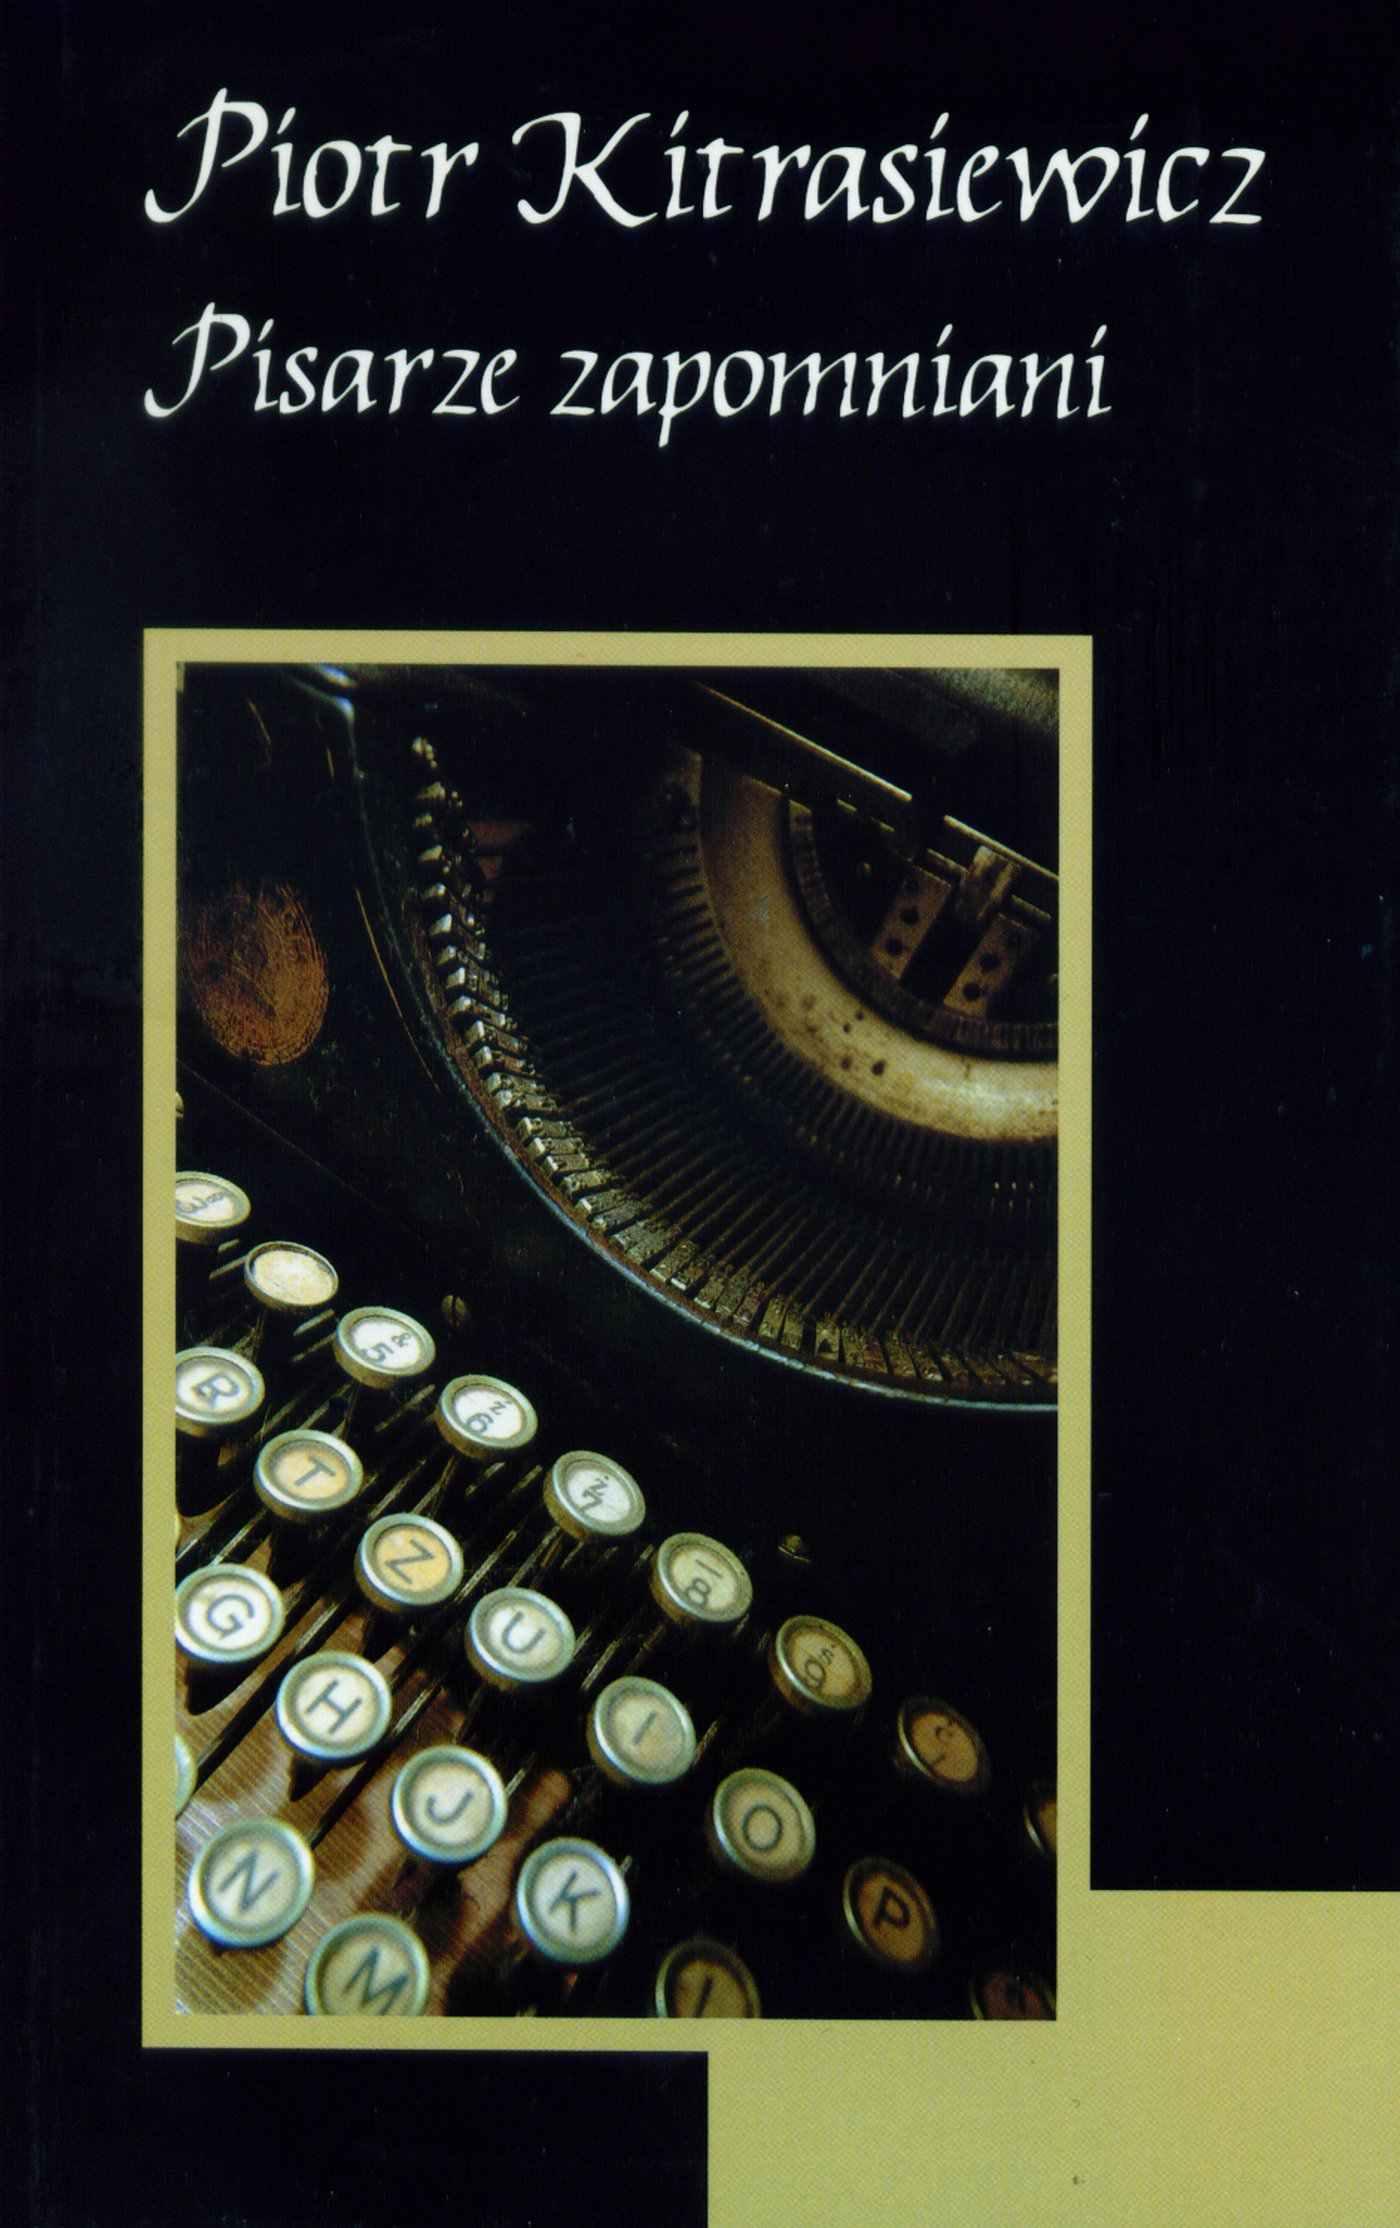 Pisarze zapomniani - Ebook (Książka EPUB) do pobrania w formacie EPUB